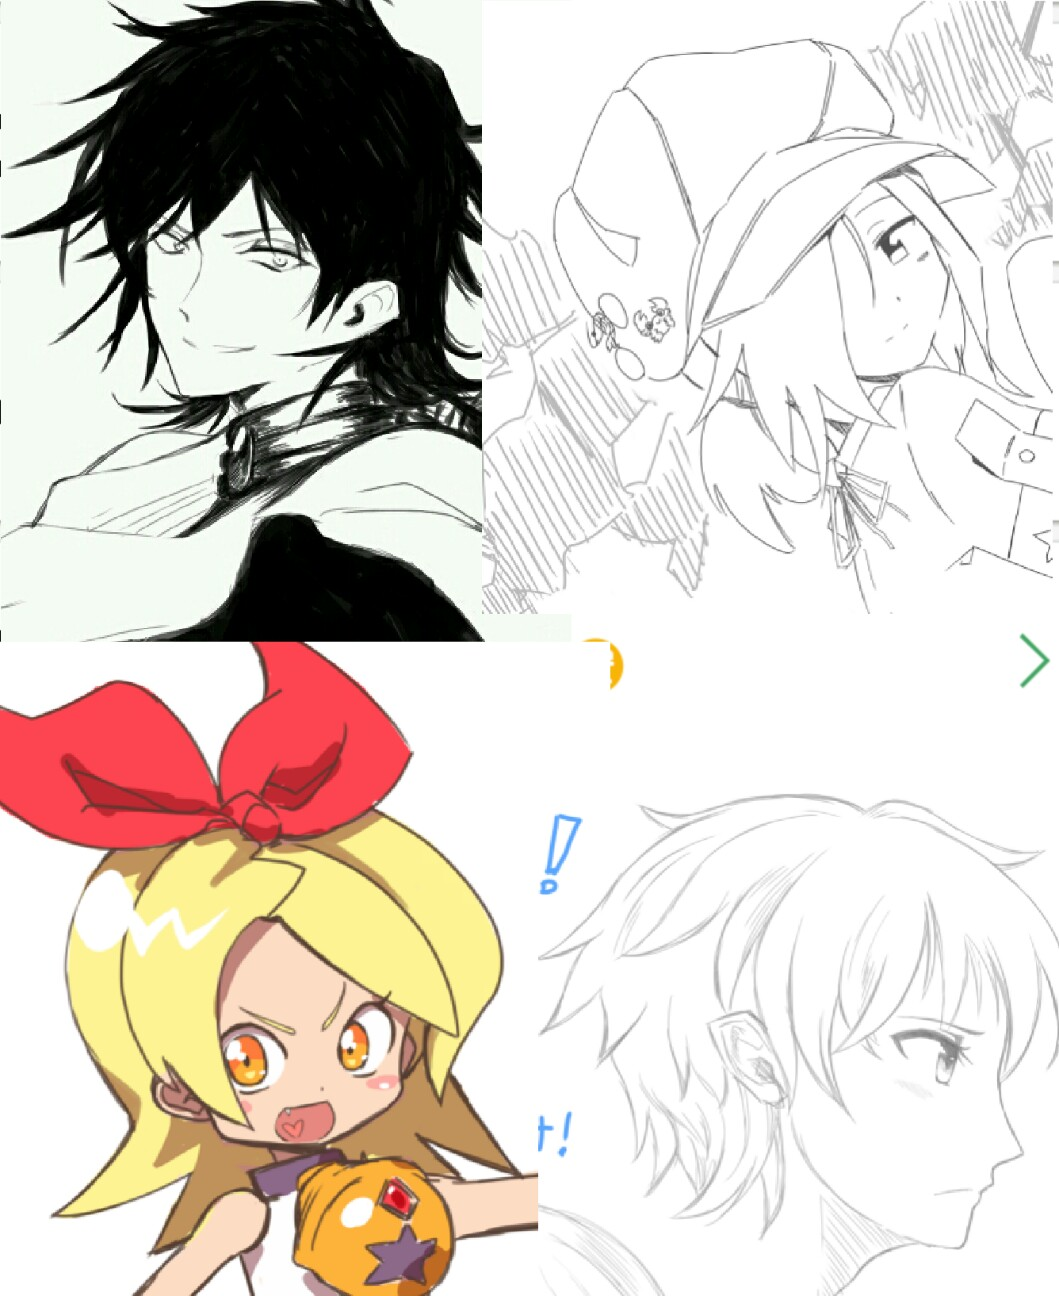 f:id:nagatakatsuki:20161203064029j:image